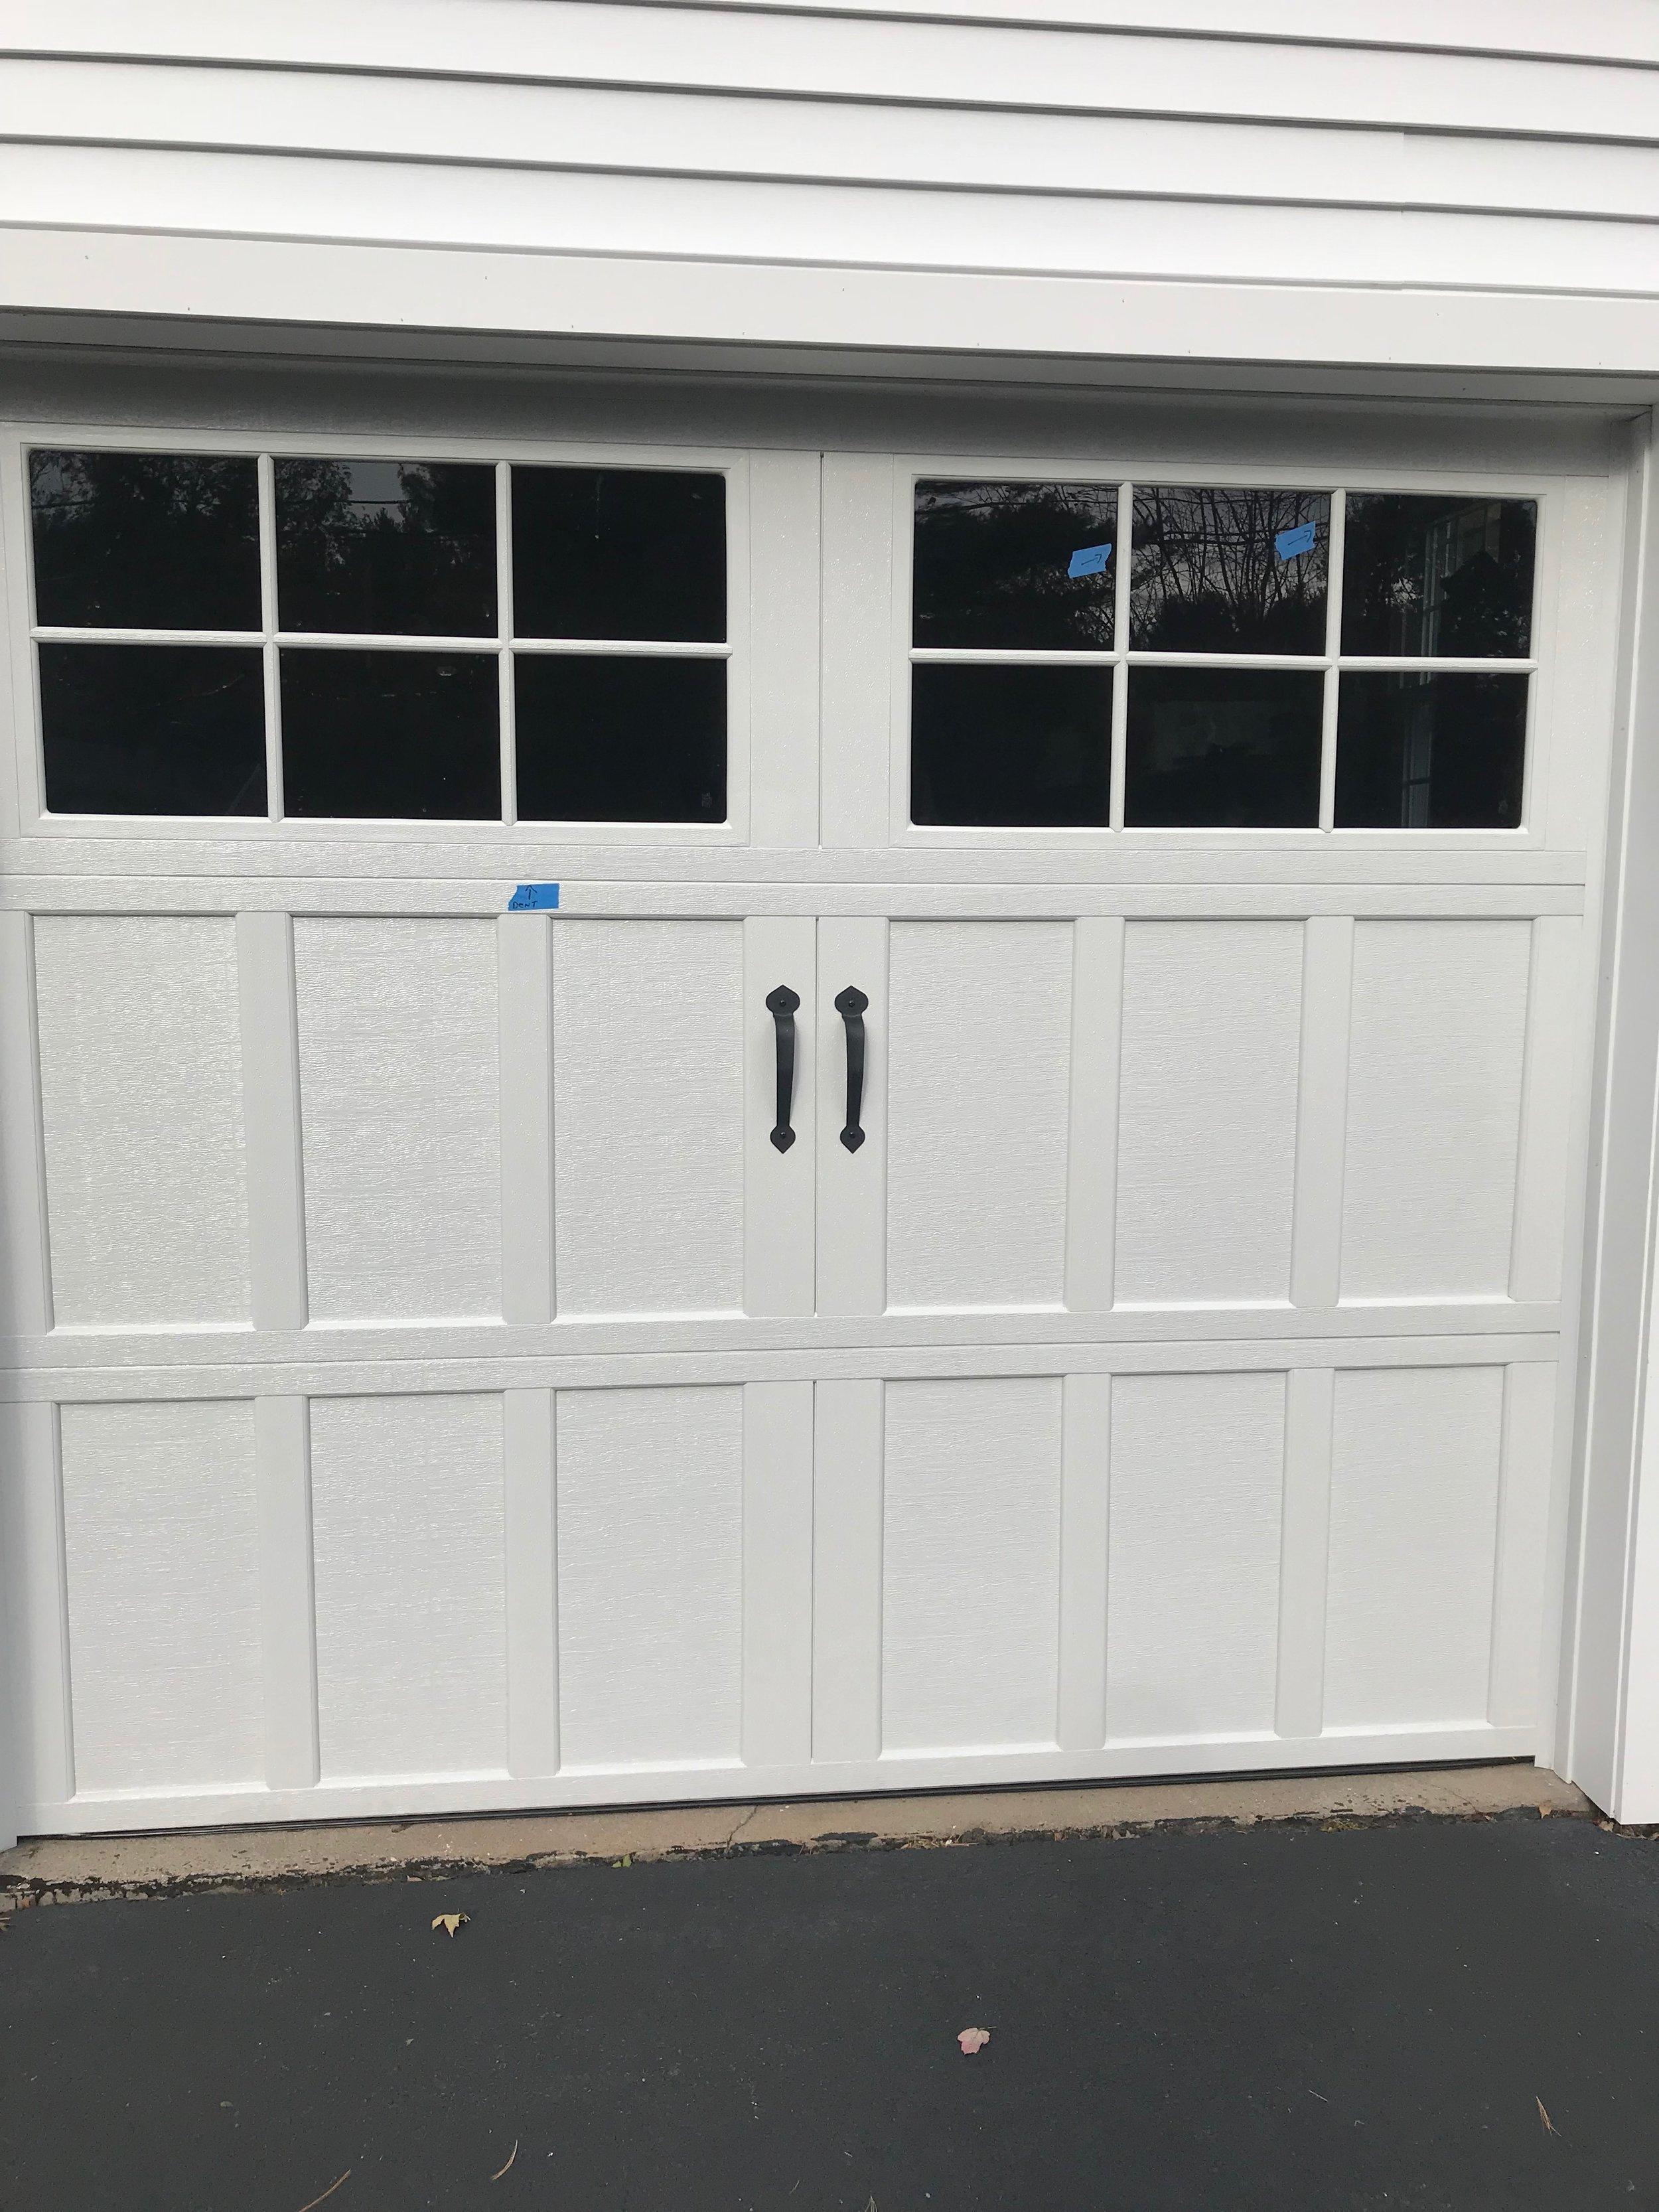 White Garage Door with Windows - Suffield